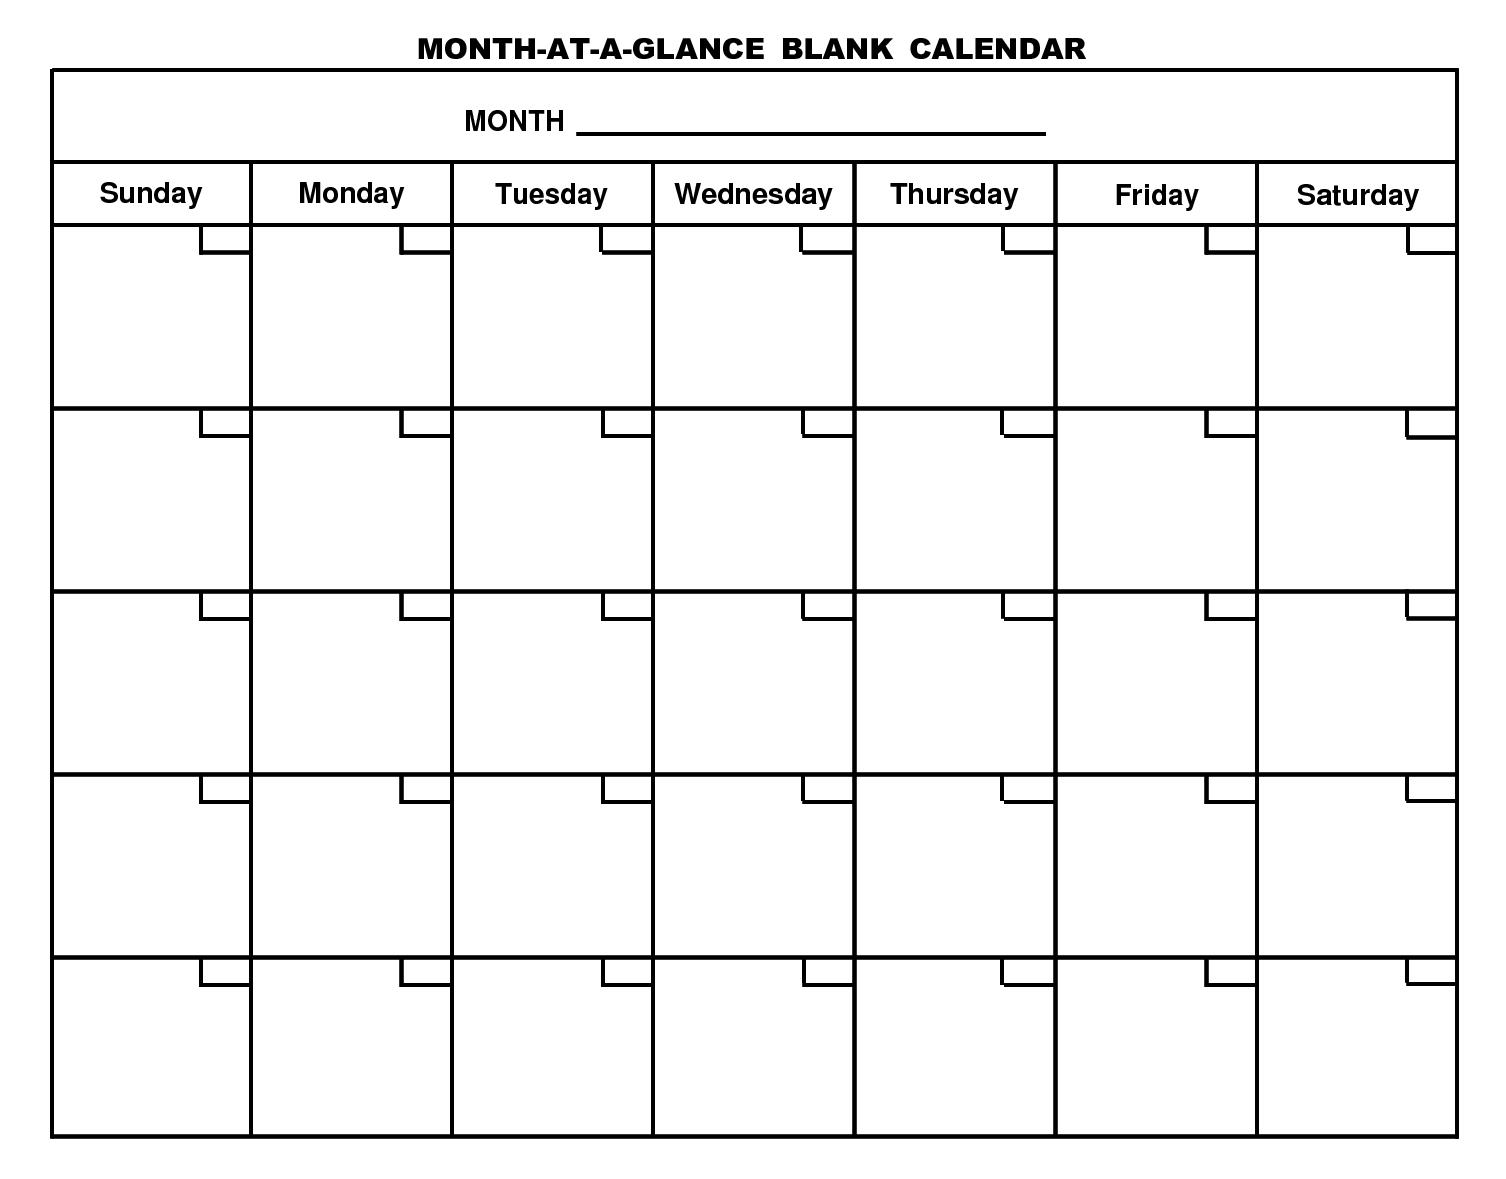 Schedule Blank Template Printable Calendar E2 80 A6